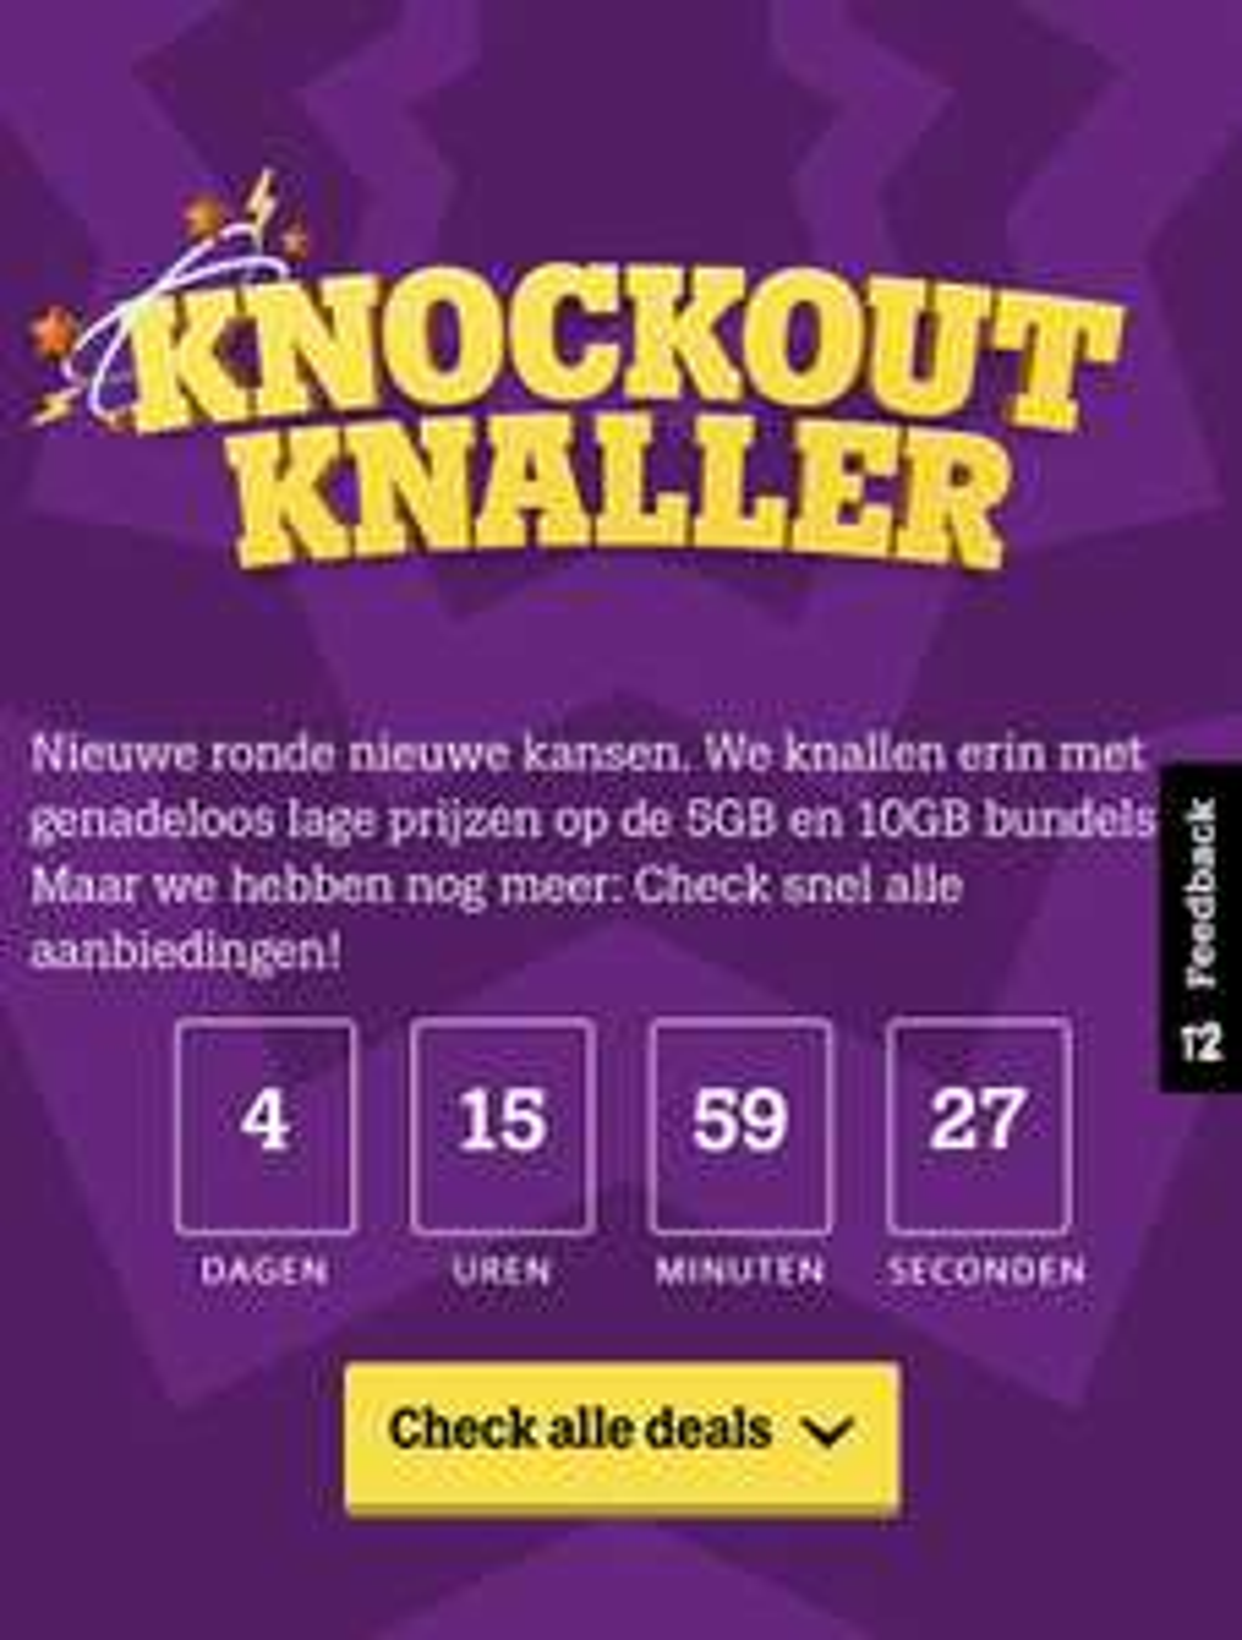 Knockout Knaller bij Tele2 verlengd!